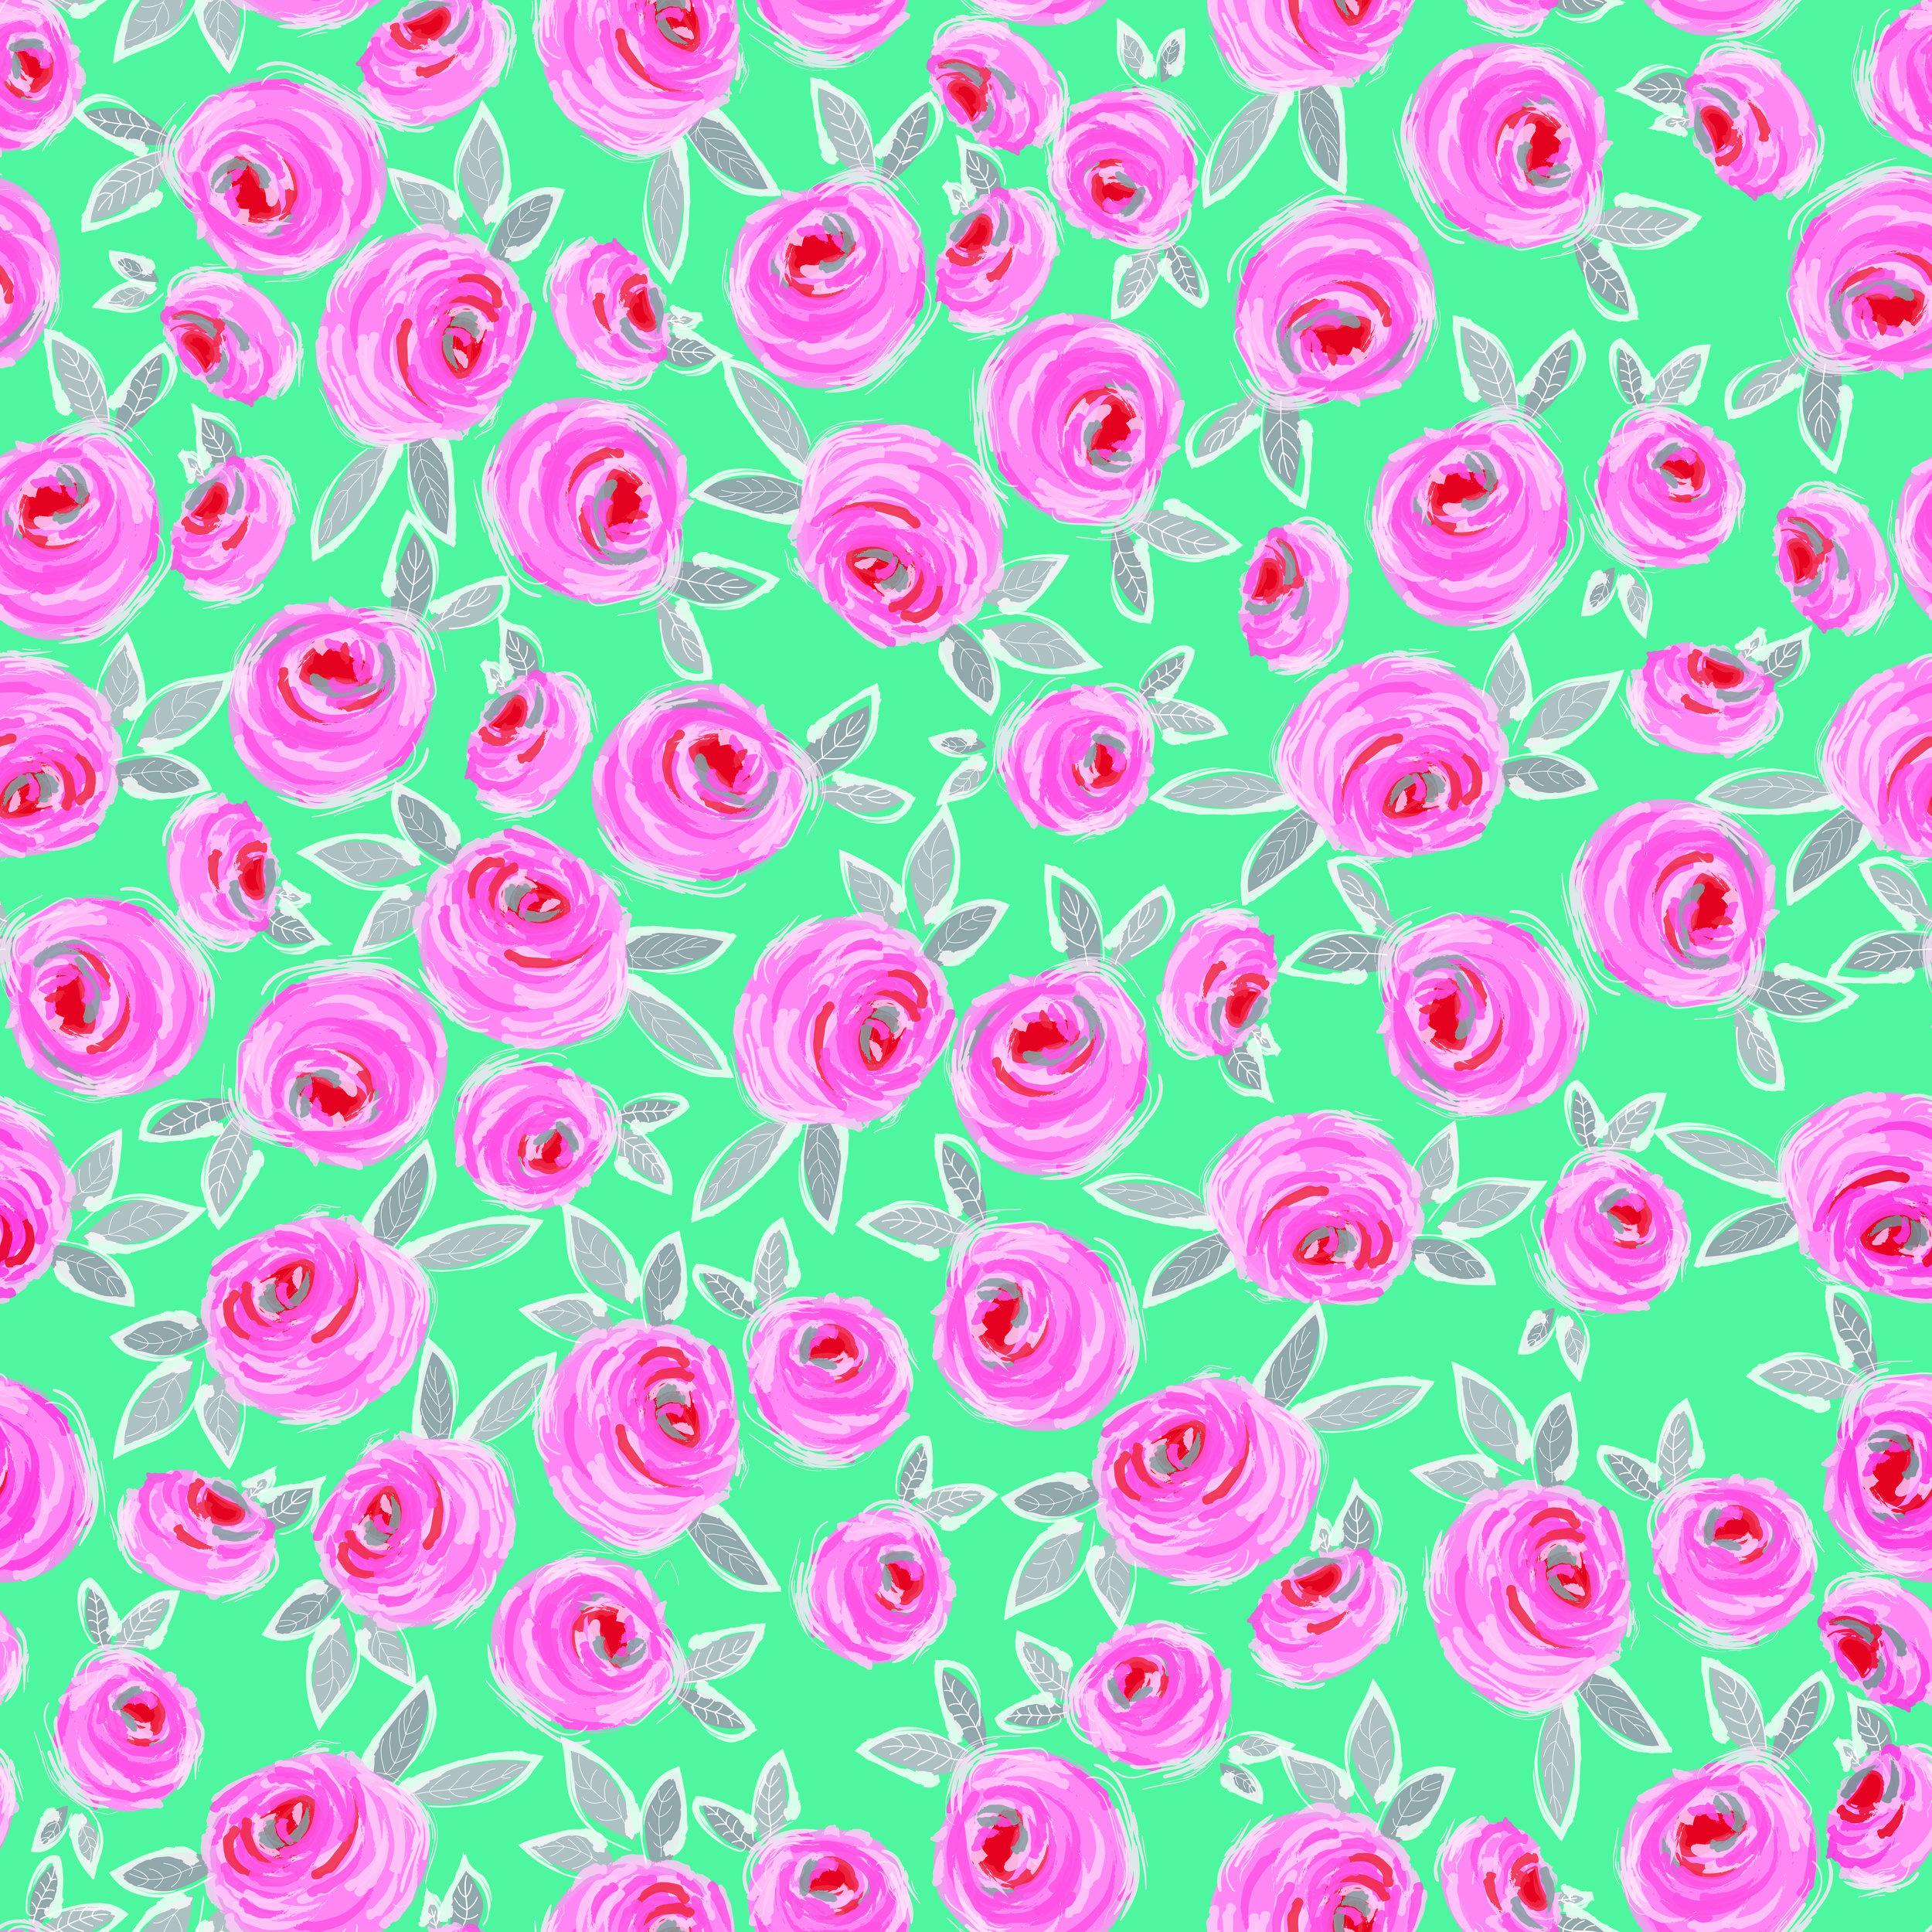 Painted Rose Teal.jpg